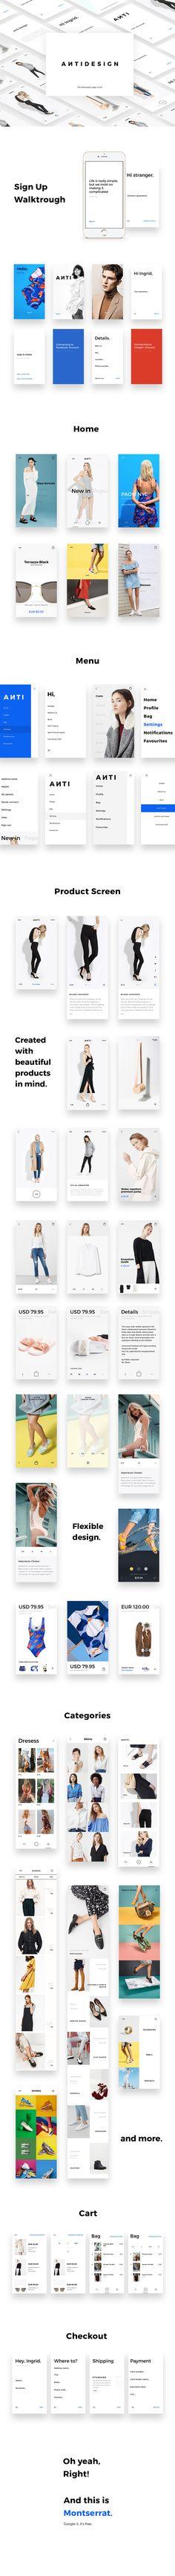 ANTIDESIGN minimalist mobile UI Kit